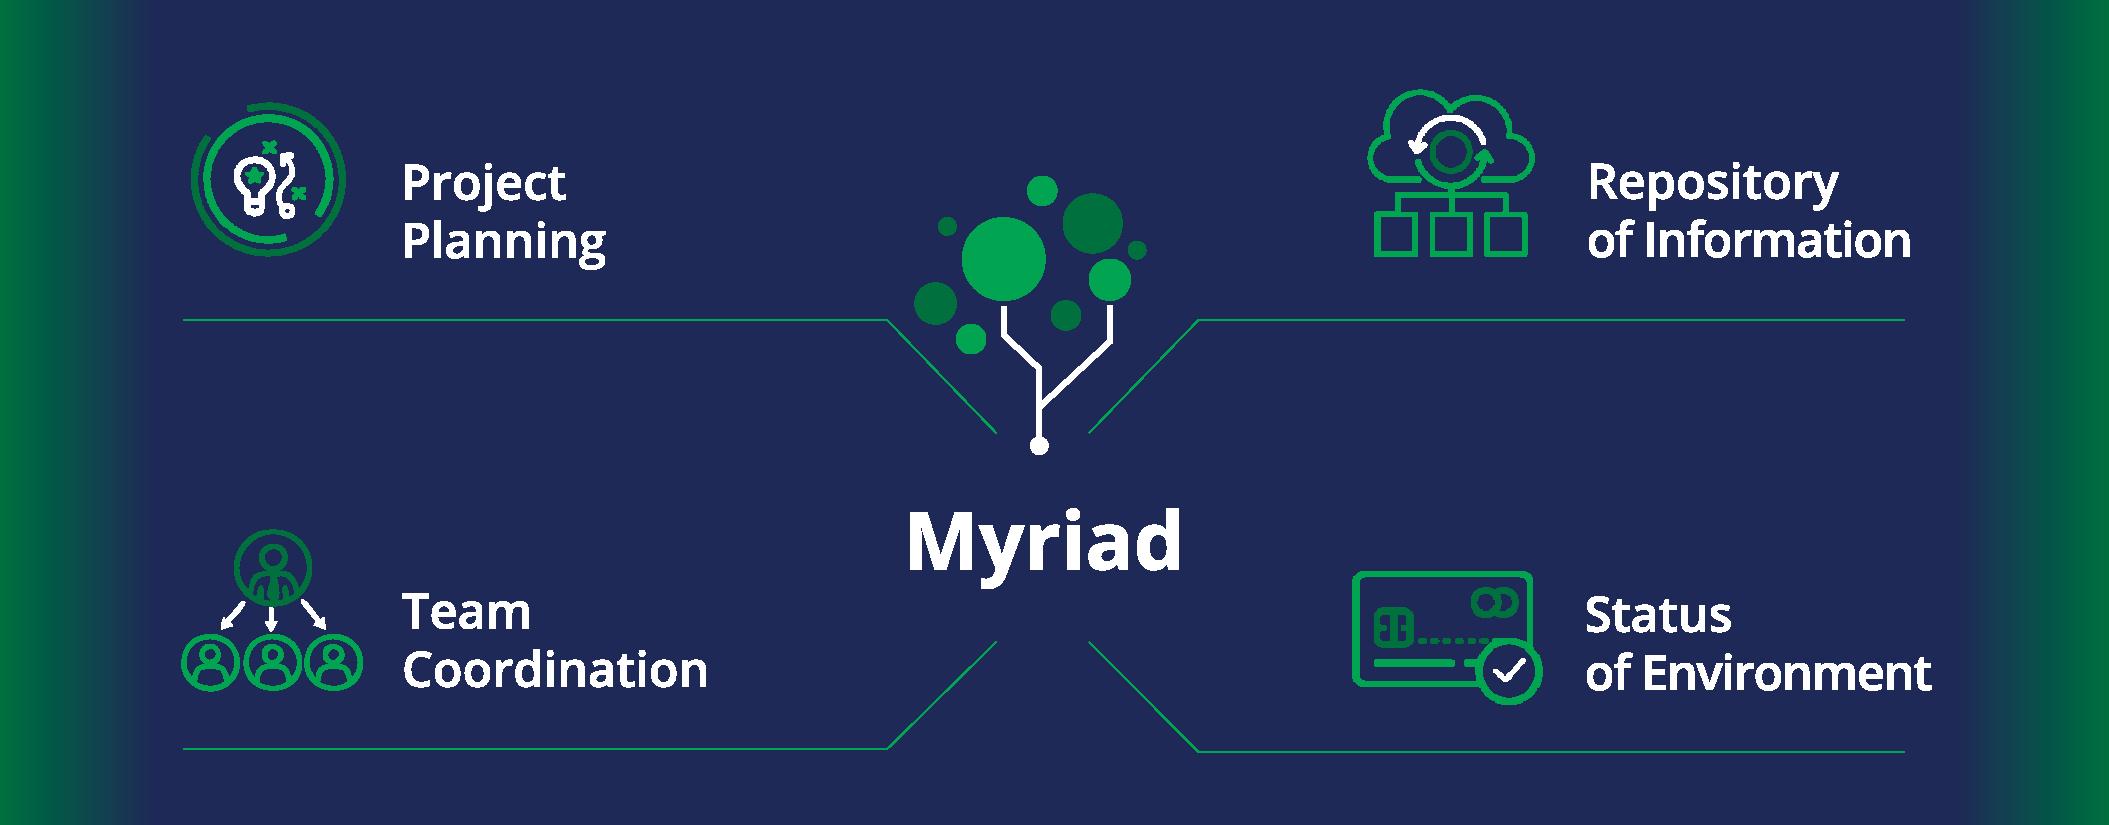 IntelliTect's Myriad software workflow graphic